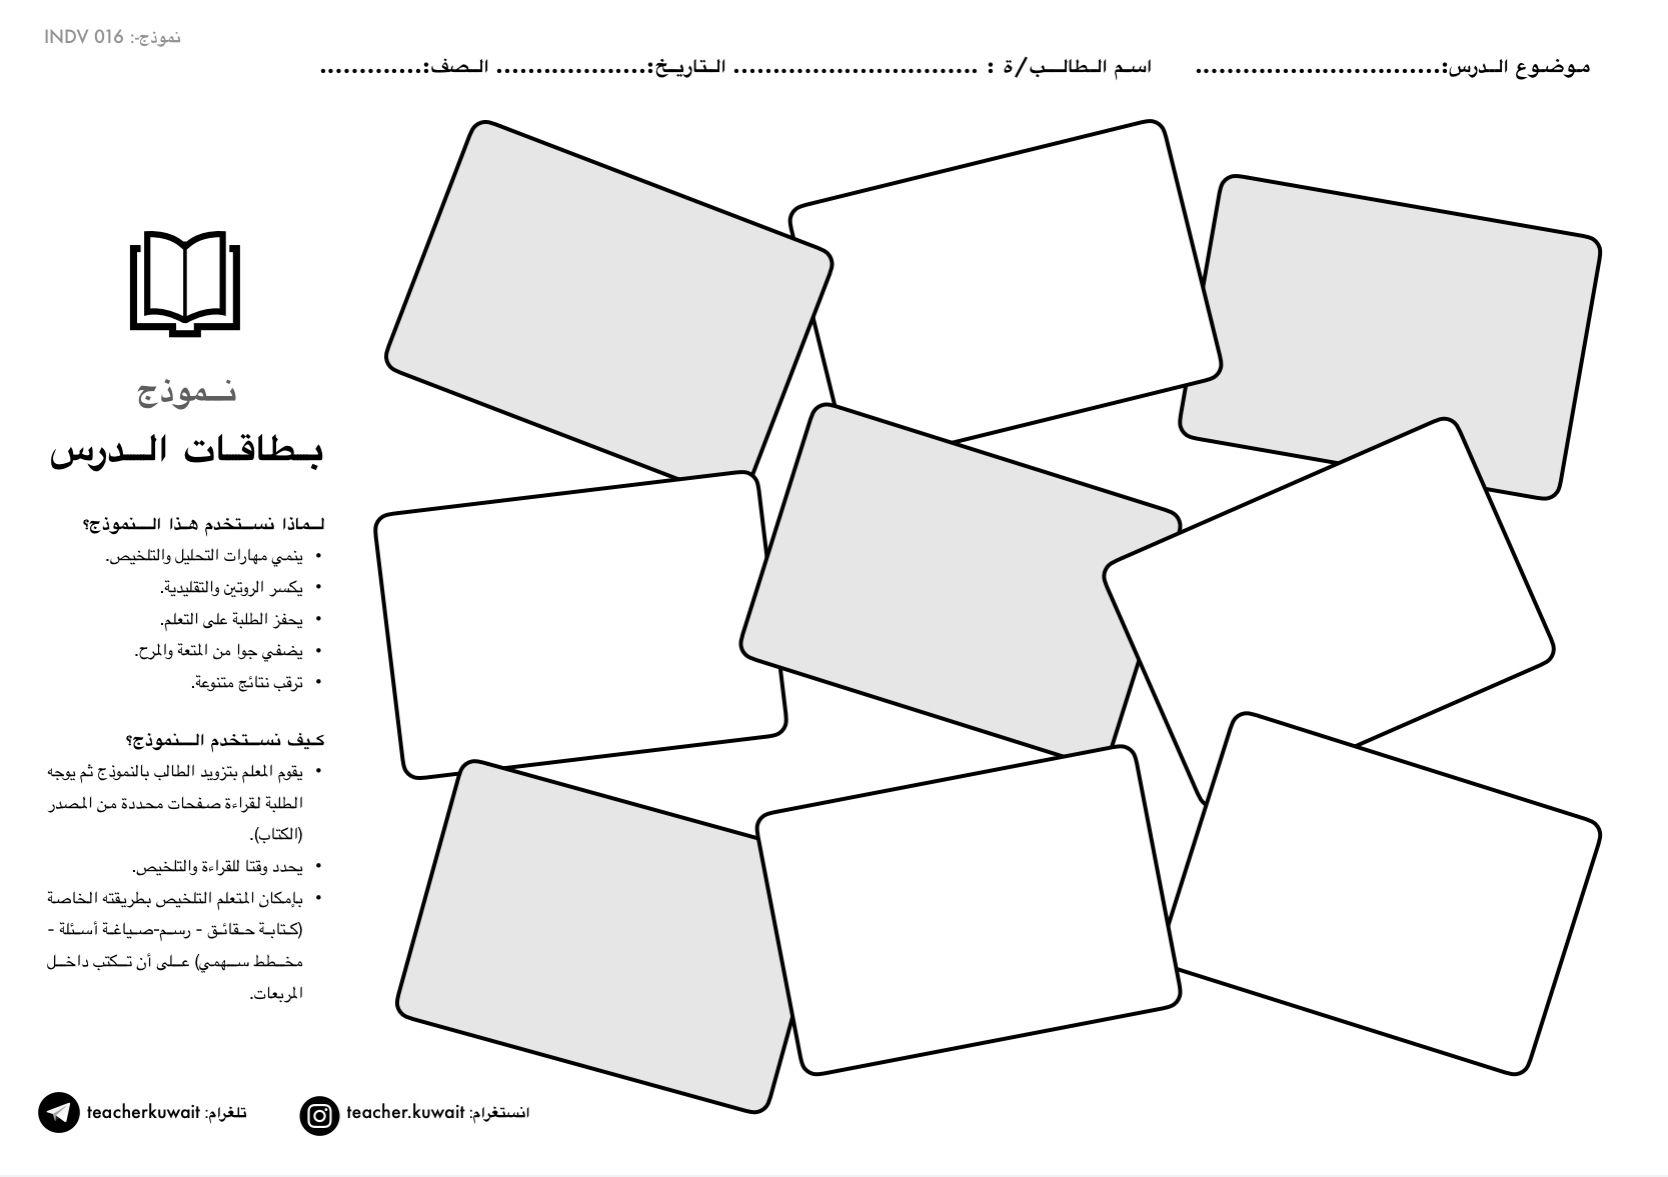 نموذج بطاقات الدرس